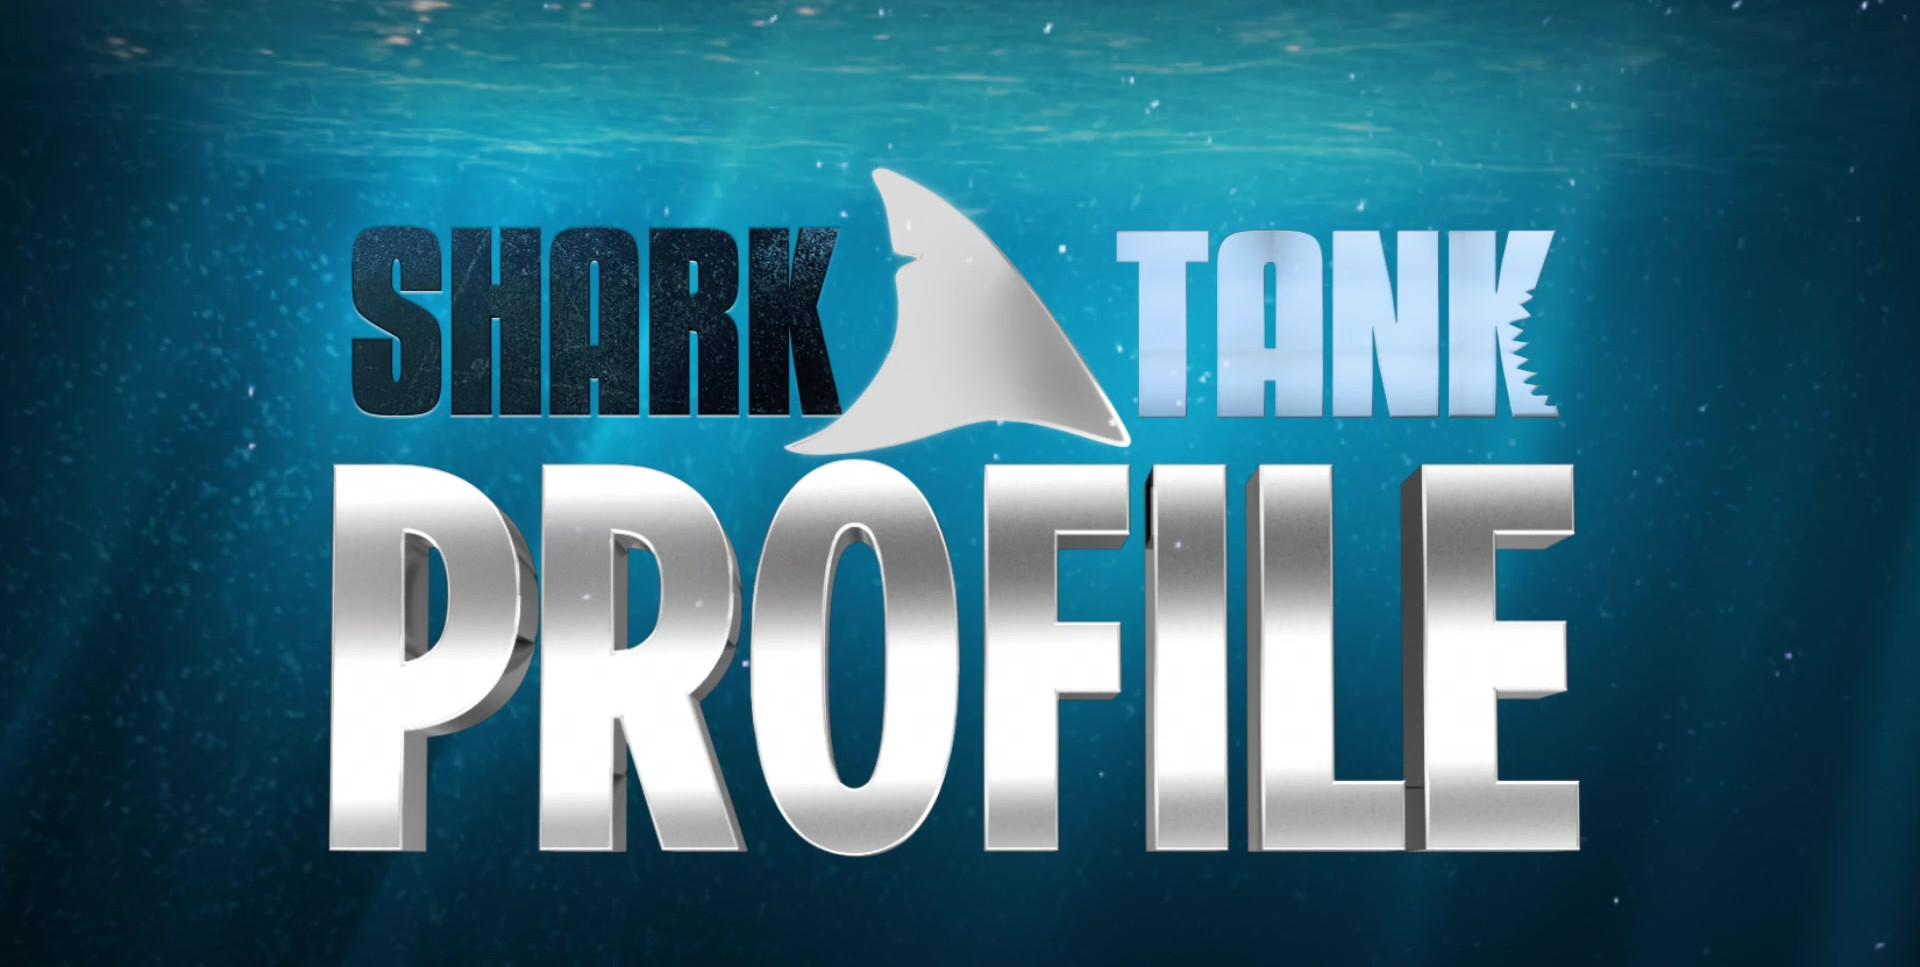 sharktank_profile_v1_1080-example.mov